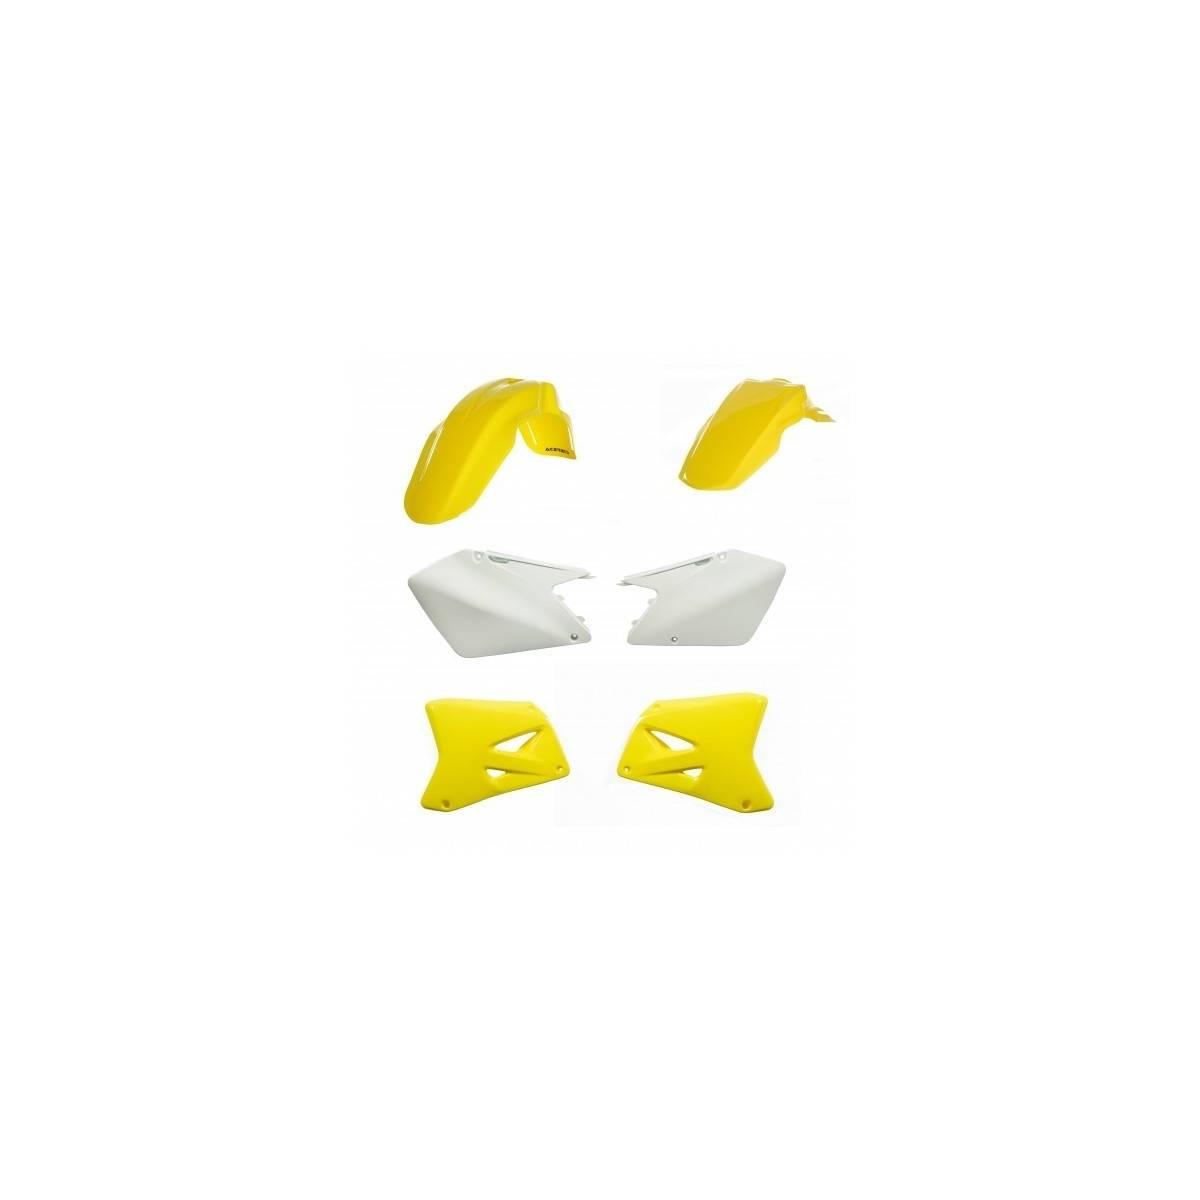 0013776-553 - Kit Plasticos Rmz 250 10 17 Origen